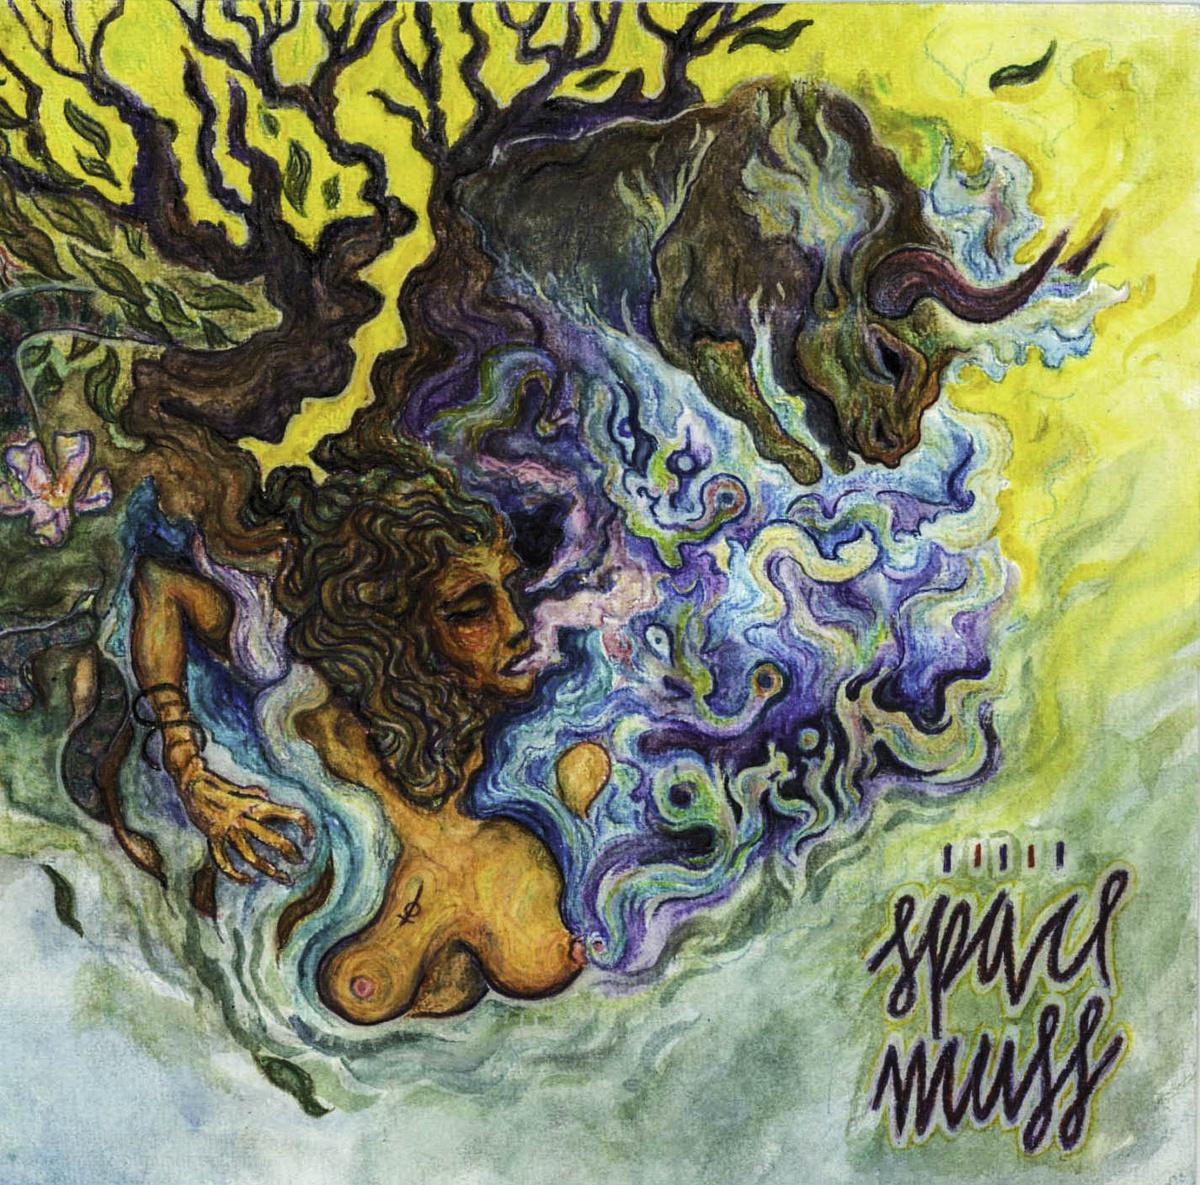 Space Muff - Gaia